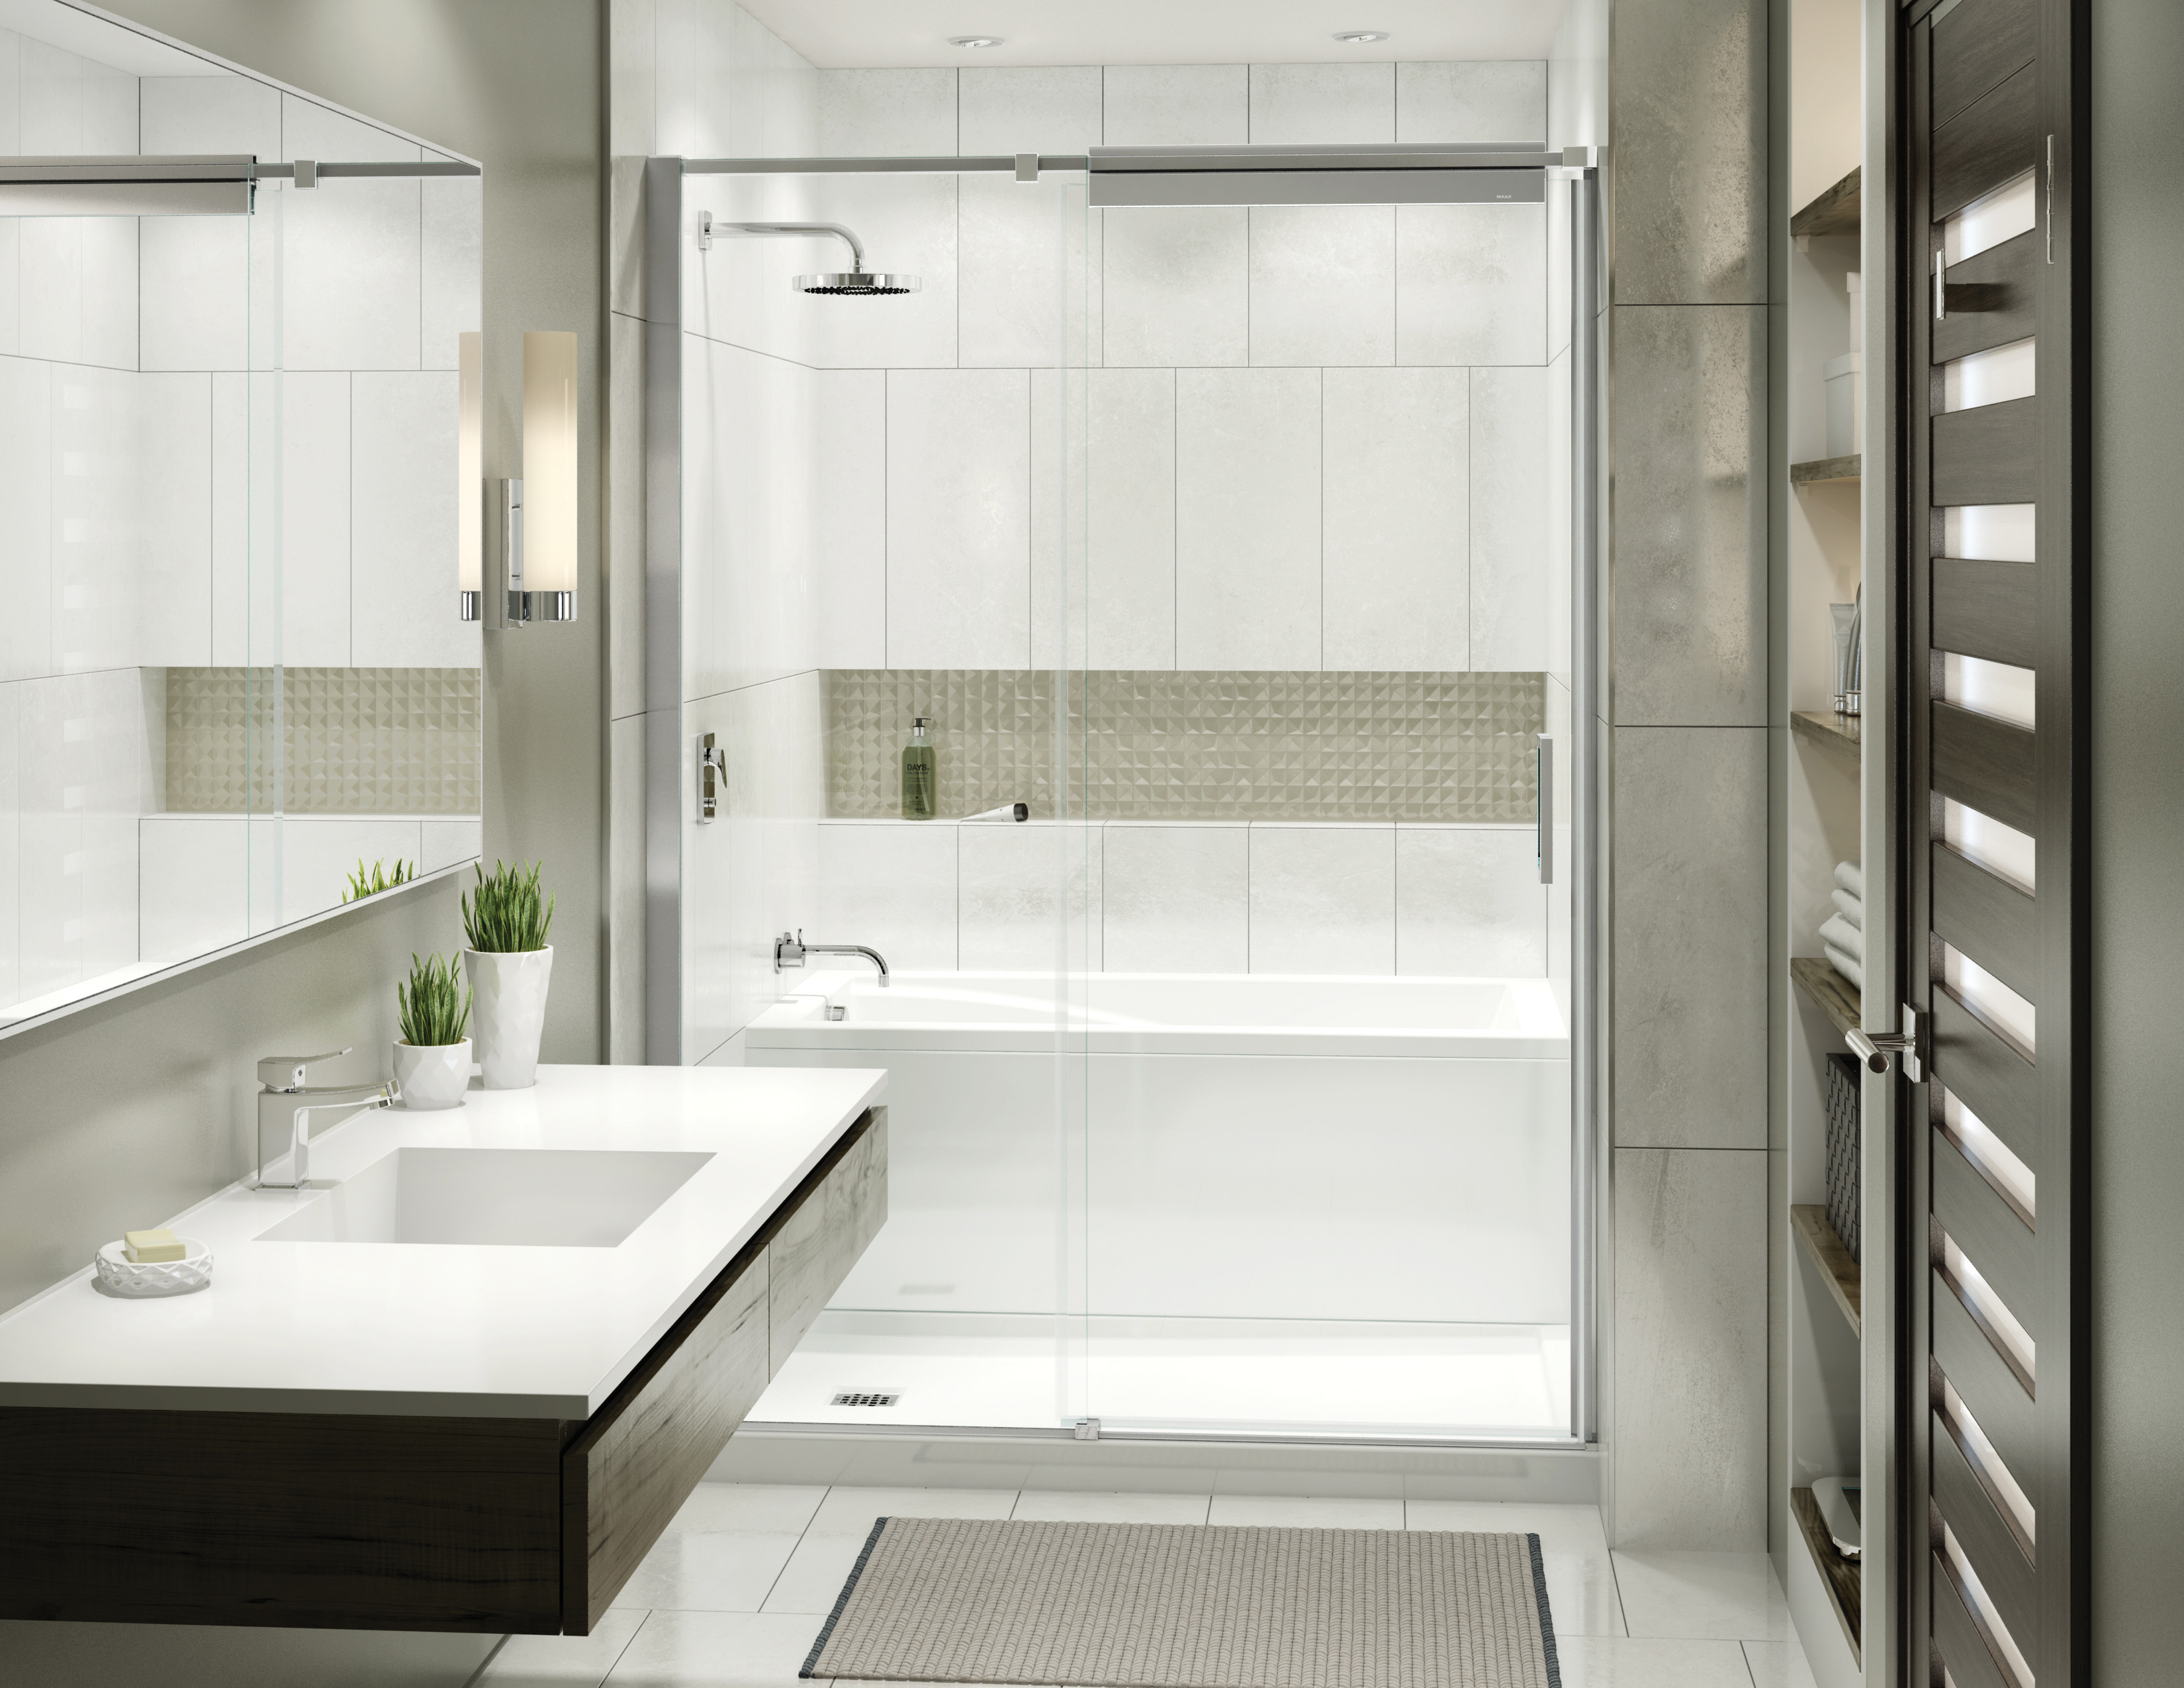 Maax Bath Inc Introduces Innovative Solutions For Baths